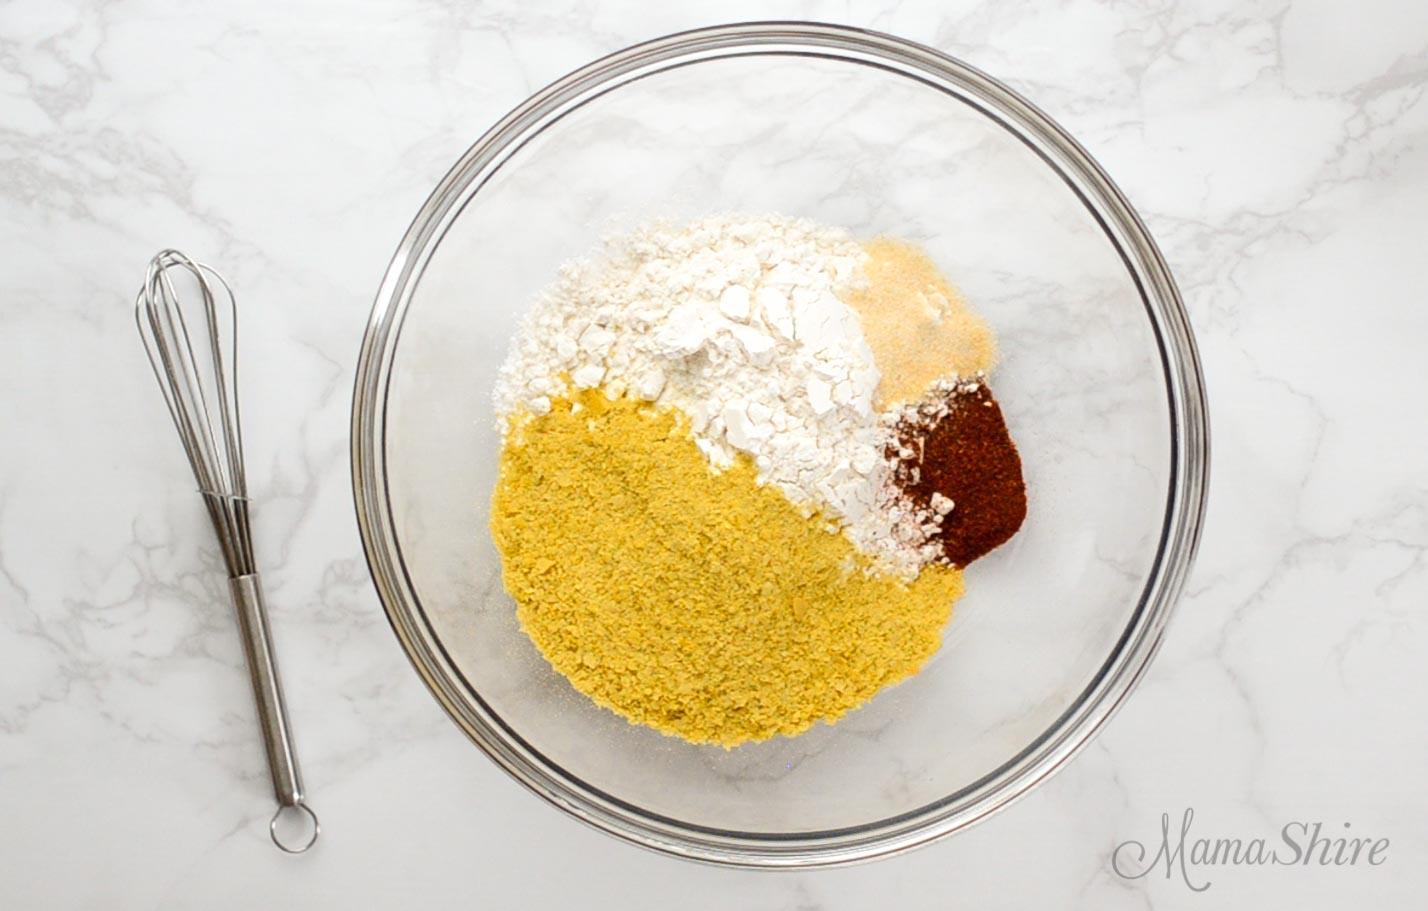 Gluten-free flour mix for air fryer chicken nuggets